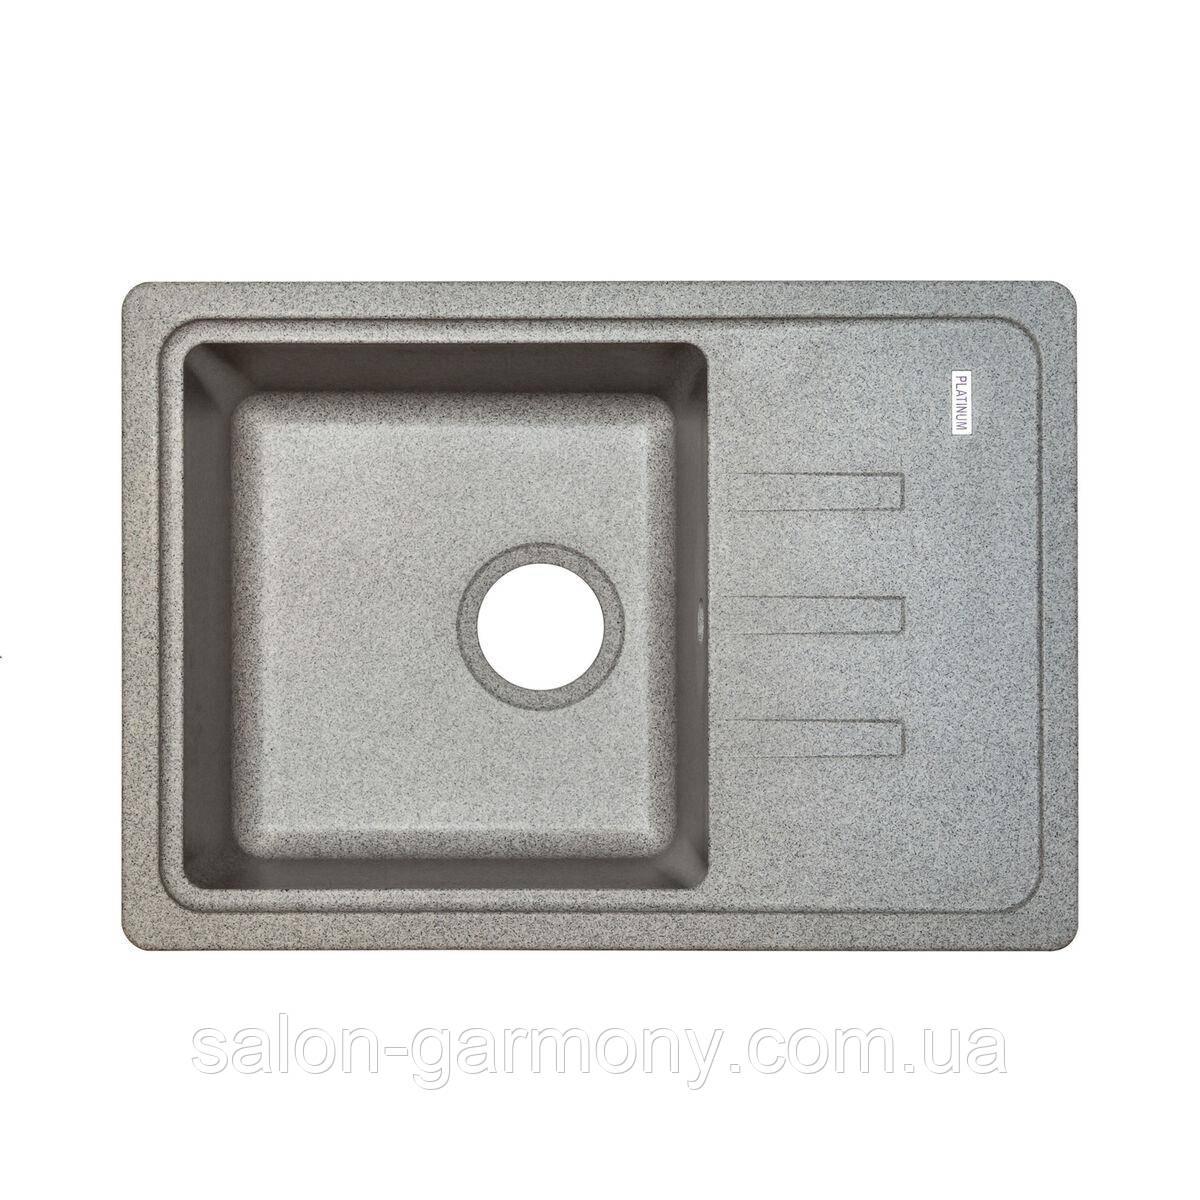 Гранітна мийка для кухні Platinum 6243 LIANA матовий Сірий металік